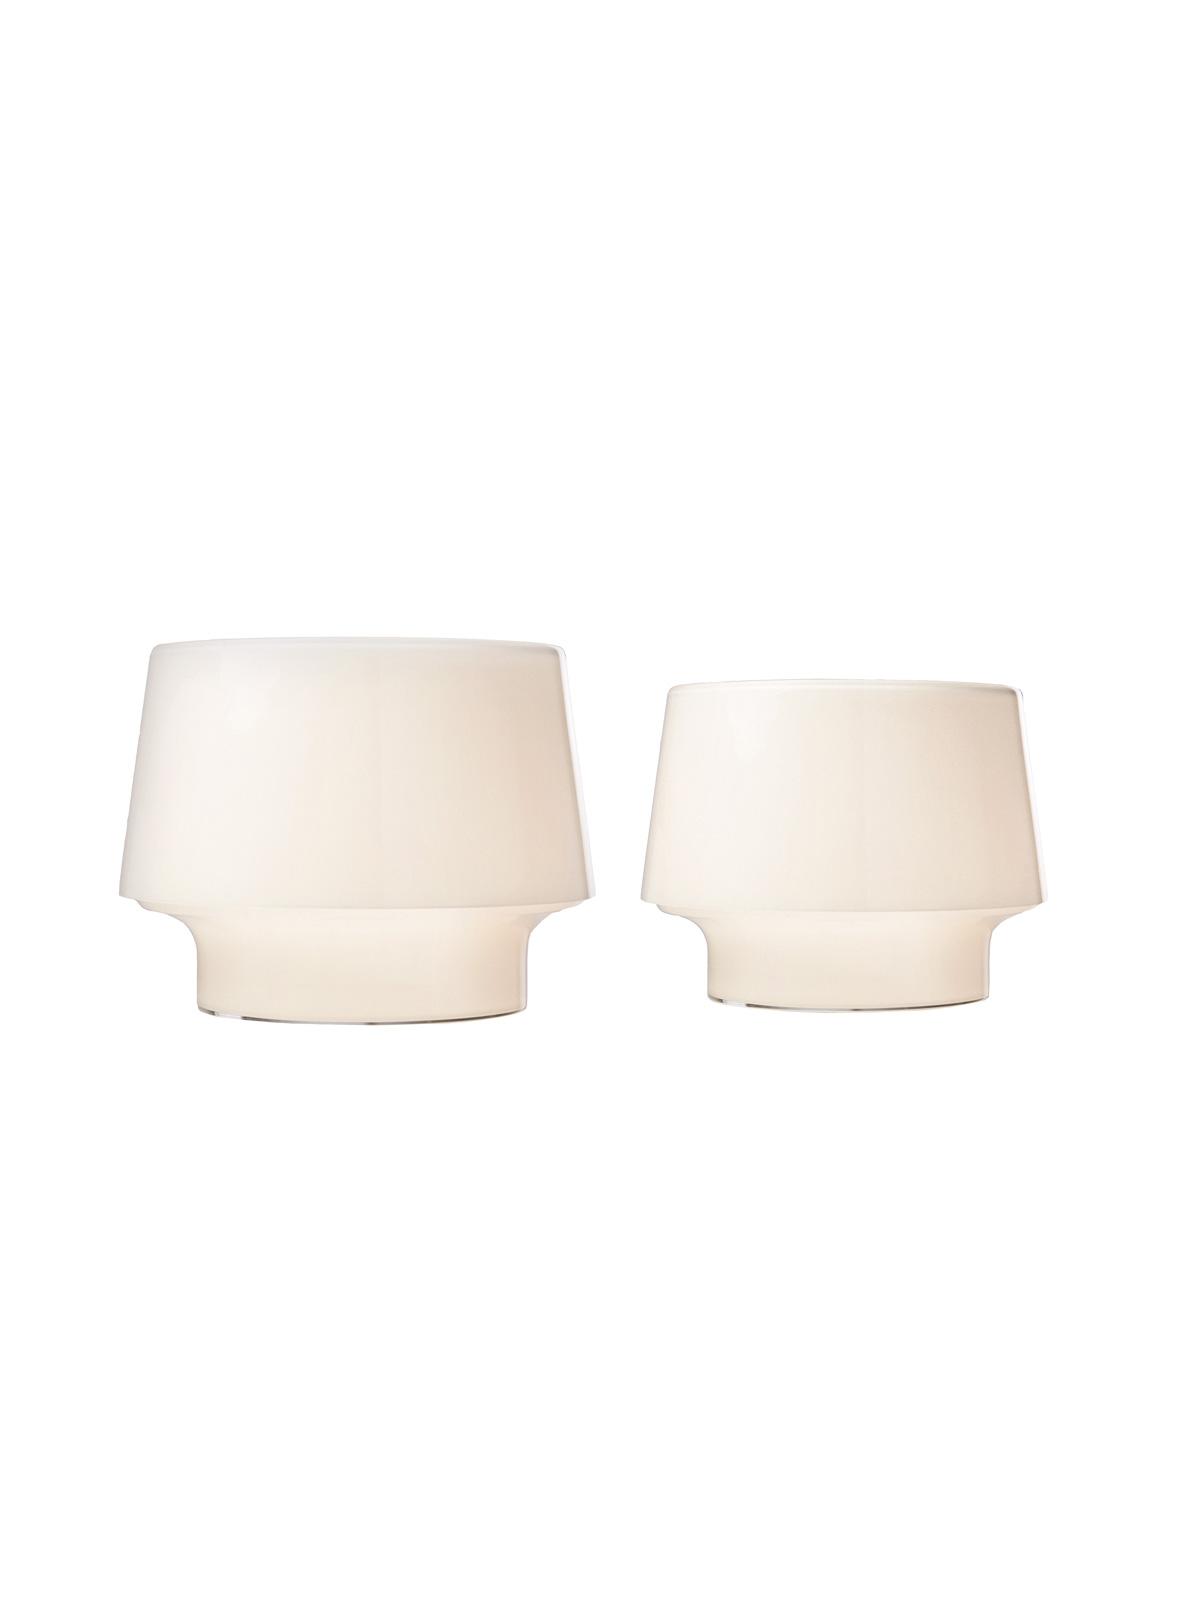 Tischleuchten Cosy in White beide Größen